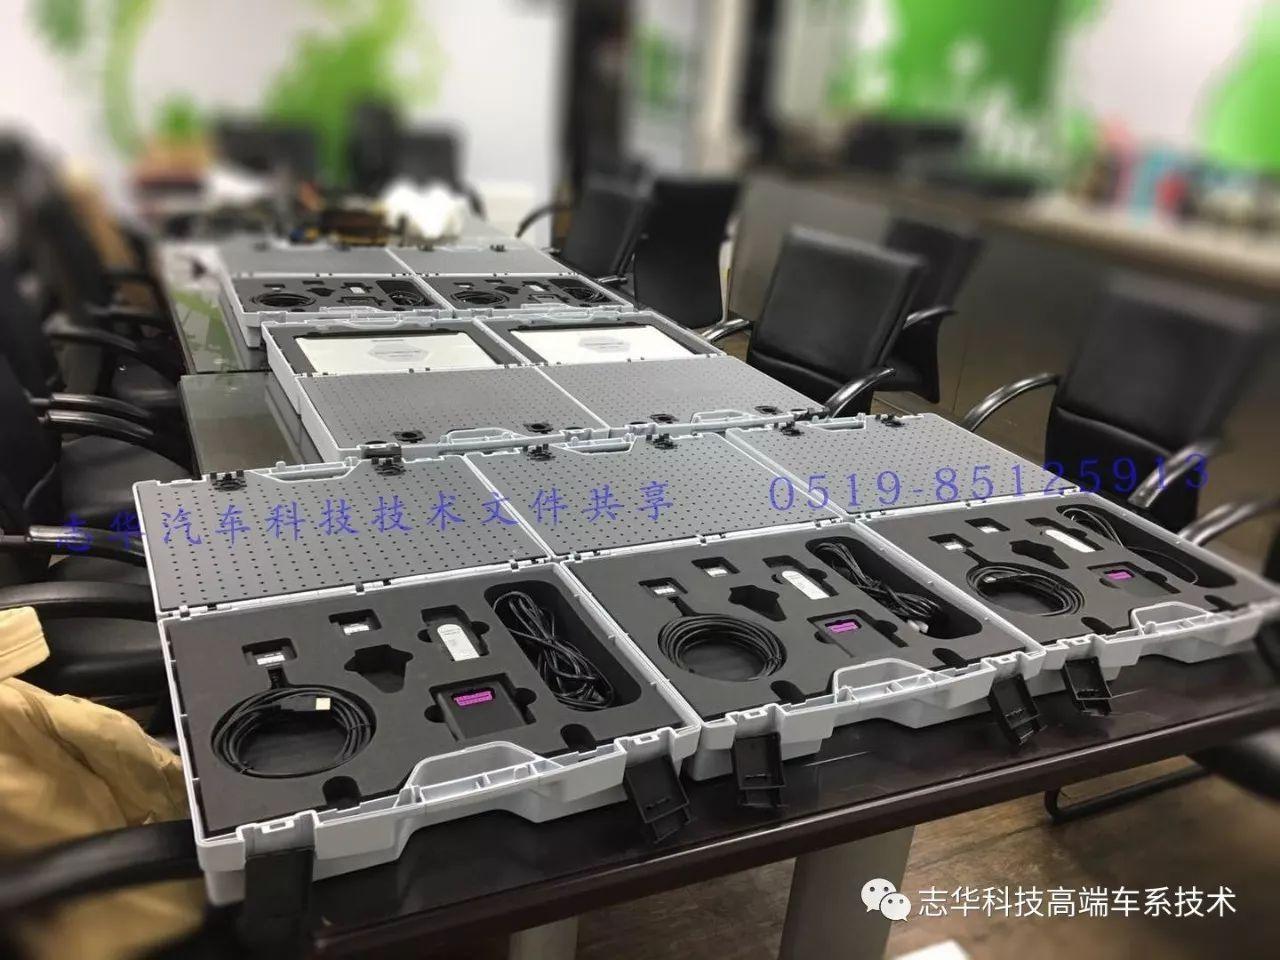 保时捷原厂诊断电脑PIWIS-III系统概述